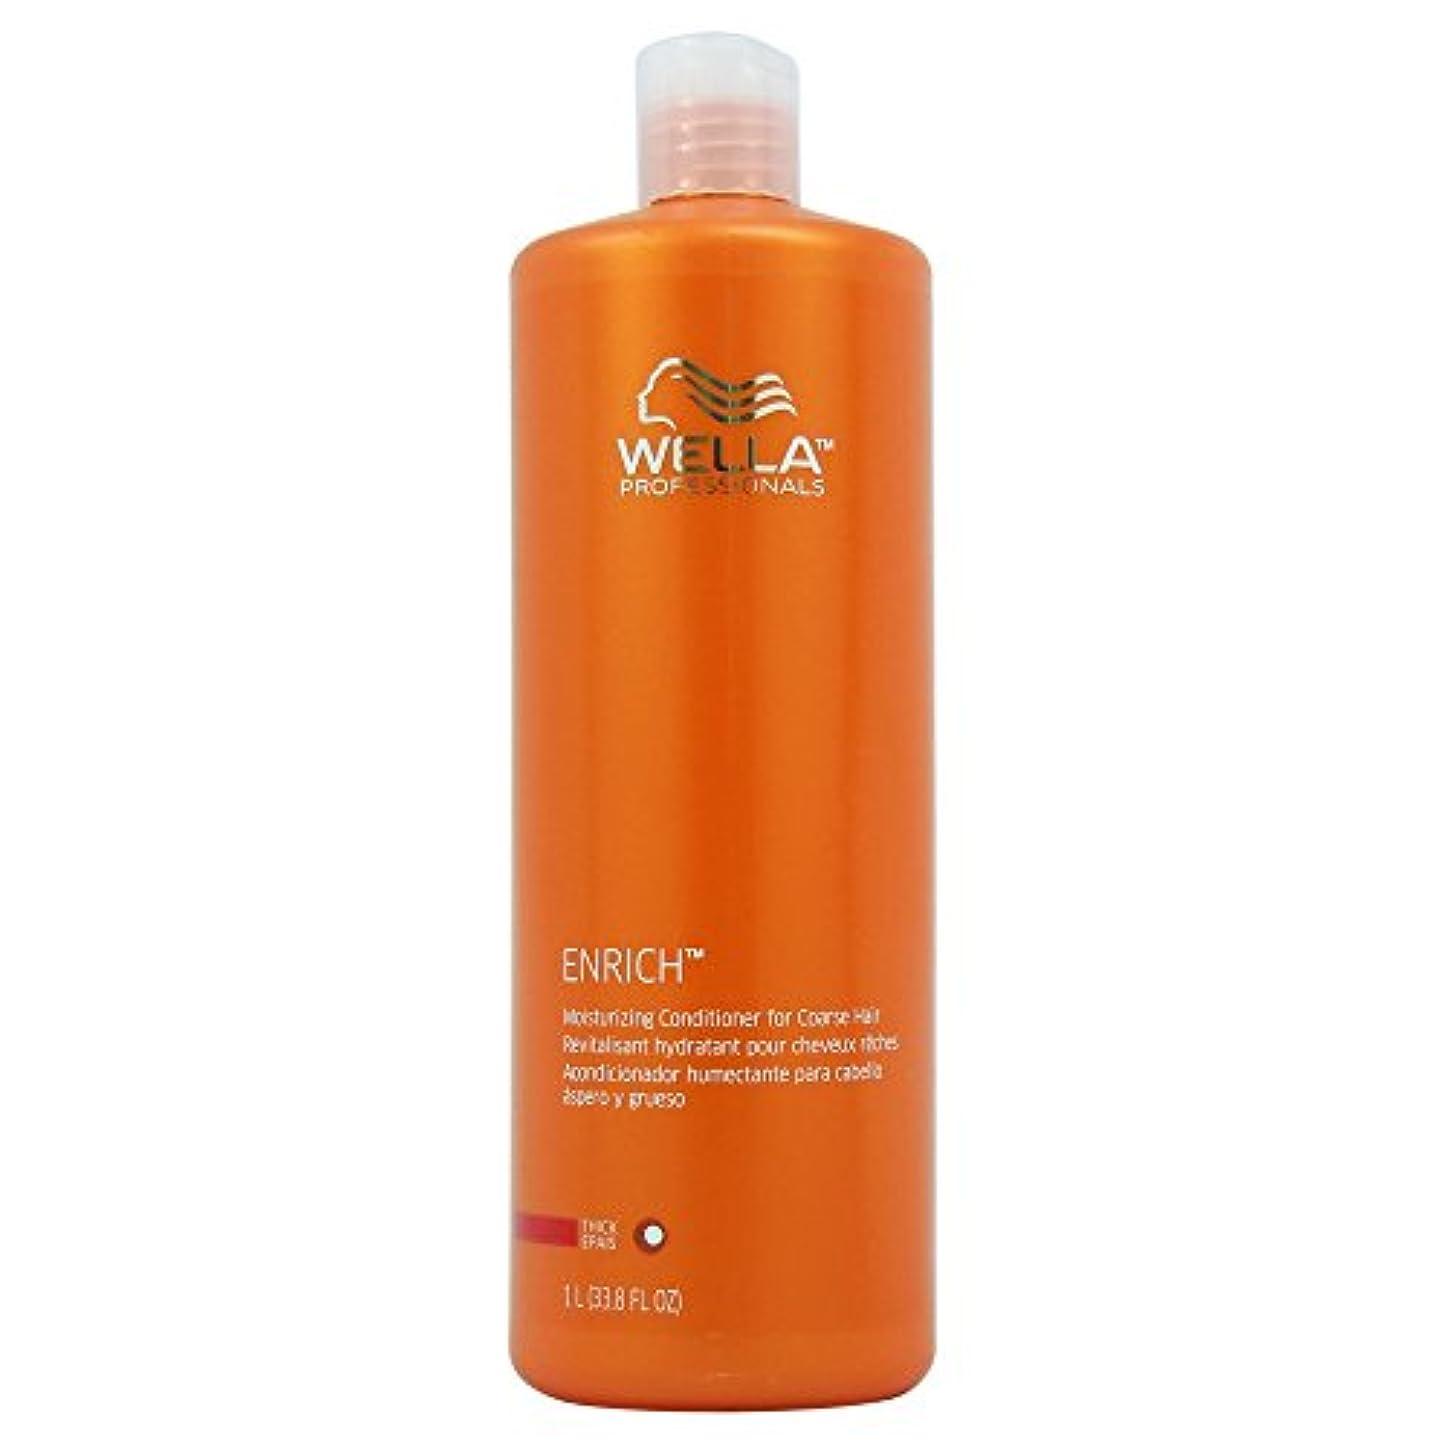 五月悲劇的な不当Wella Enriched Moisturizing Conditioner for Coarse Hair for Unisex, 33.8 Ounce by Wella